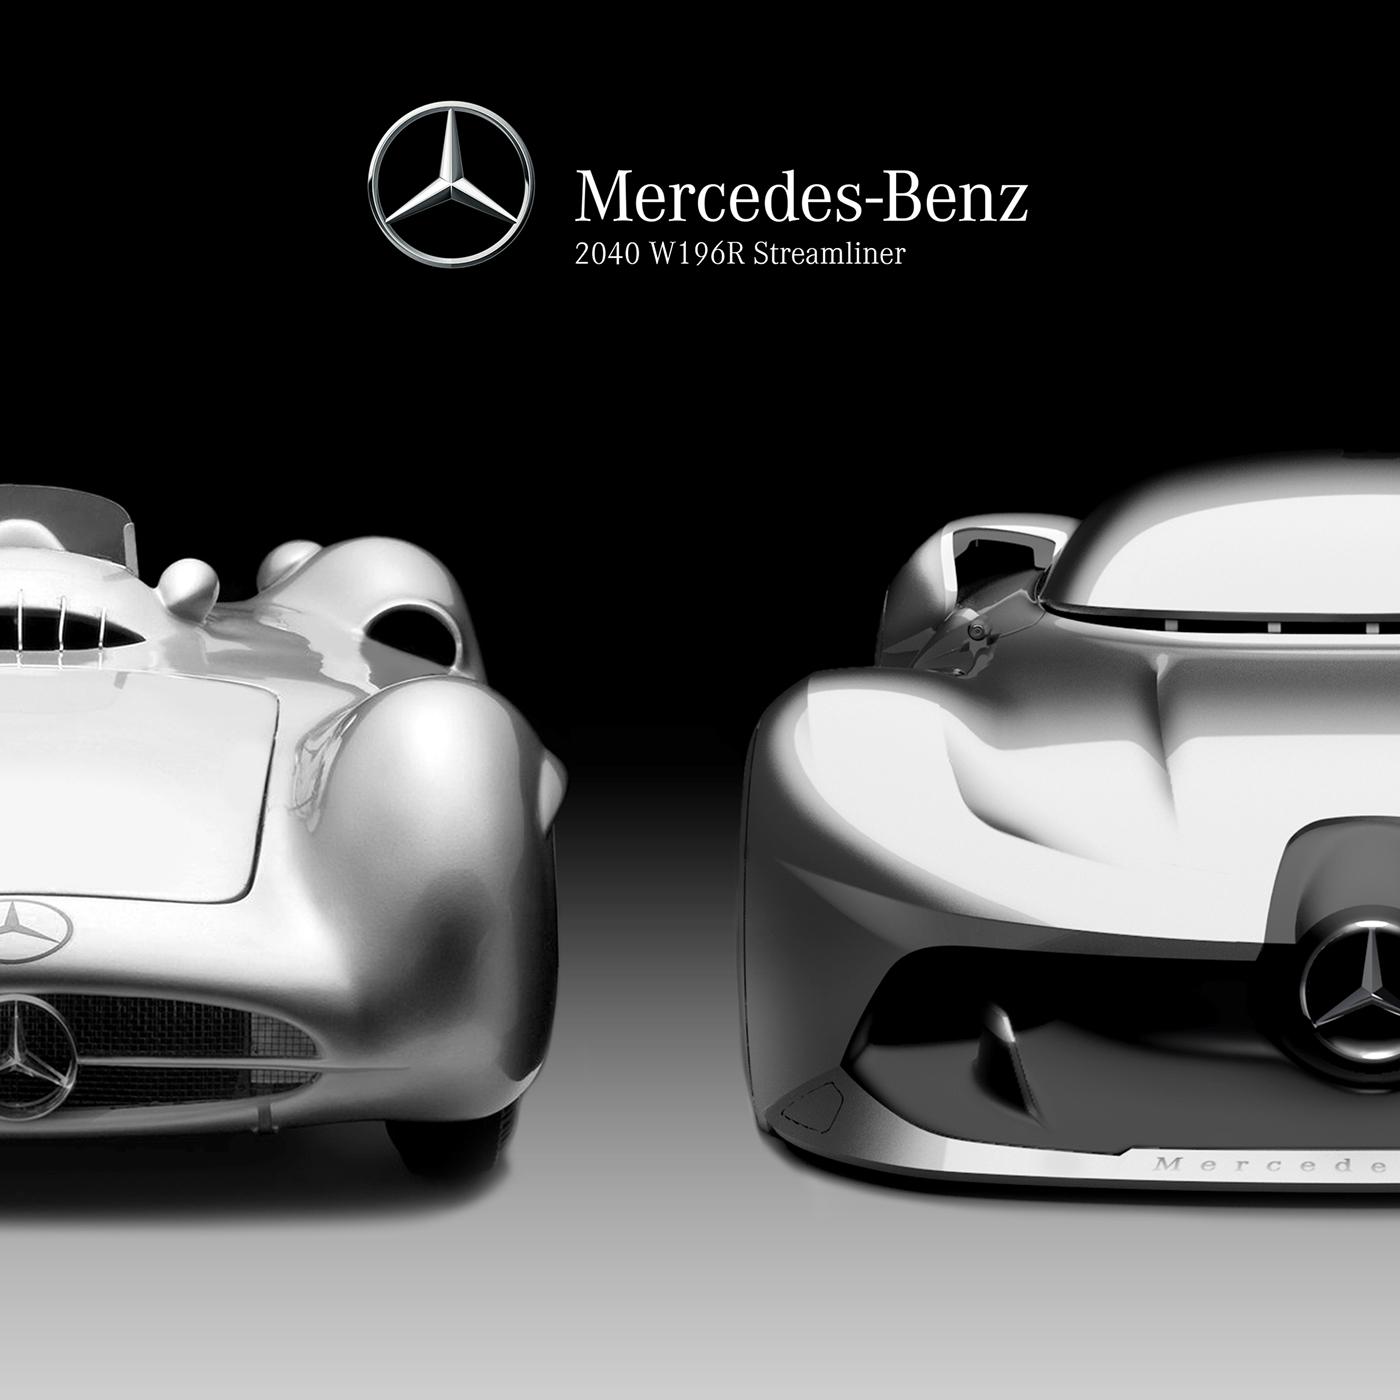 精緻的22套汽車設計欣賞